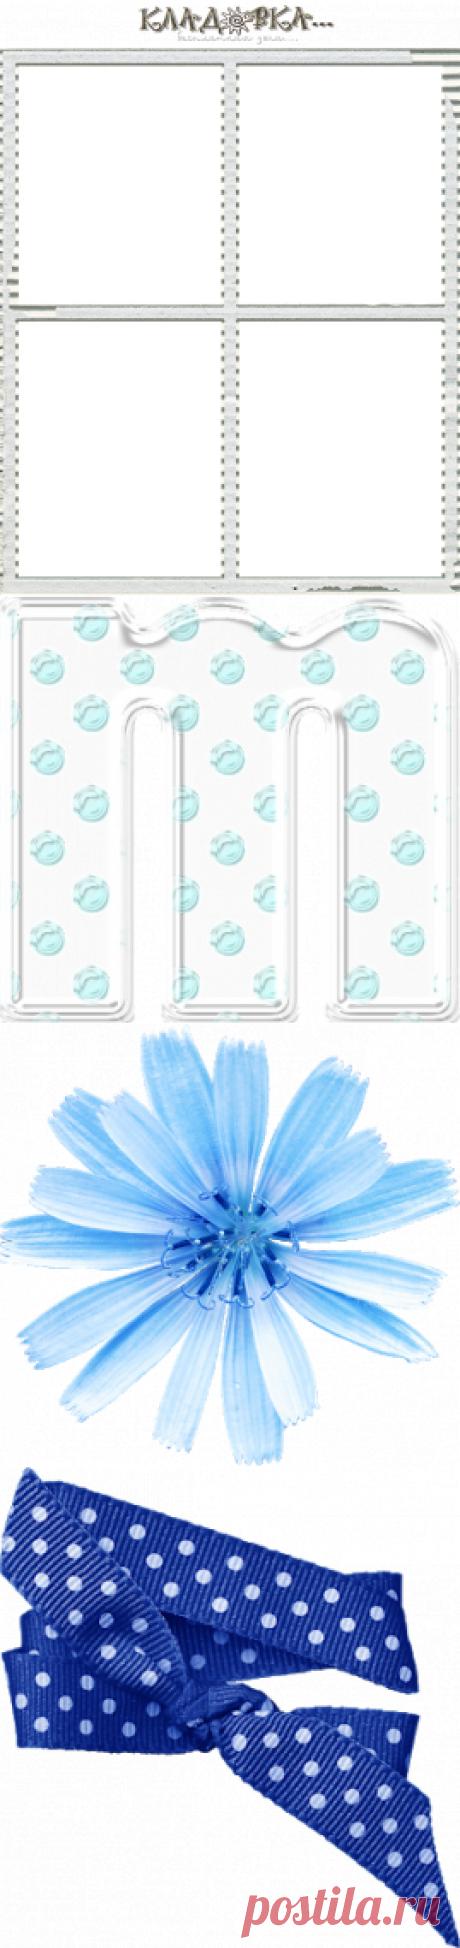 Kladovka...: las cifras Azules y el fondo - raspakovannyy la chatarra-juego para fotoshopa png